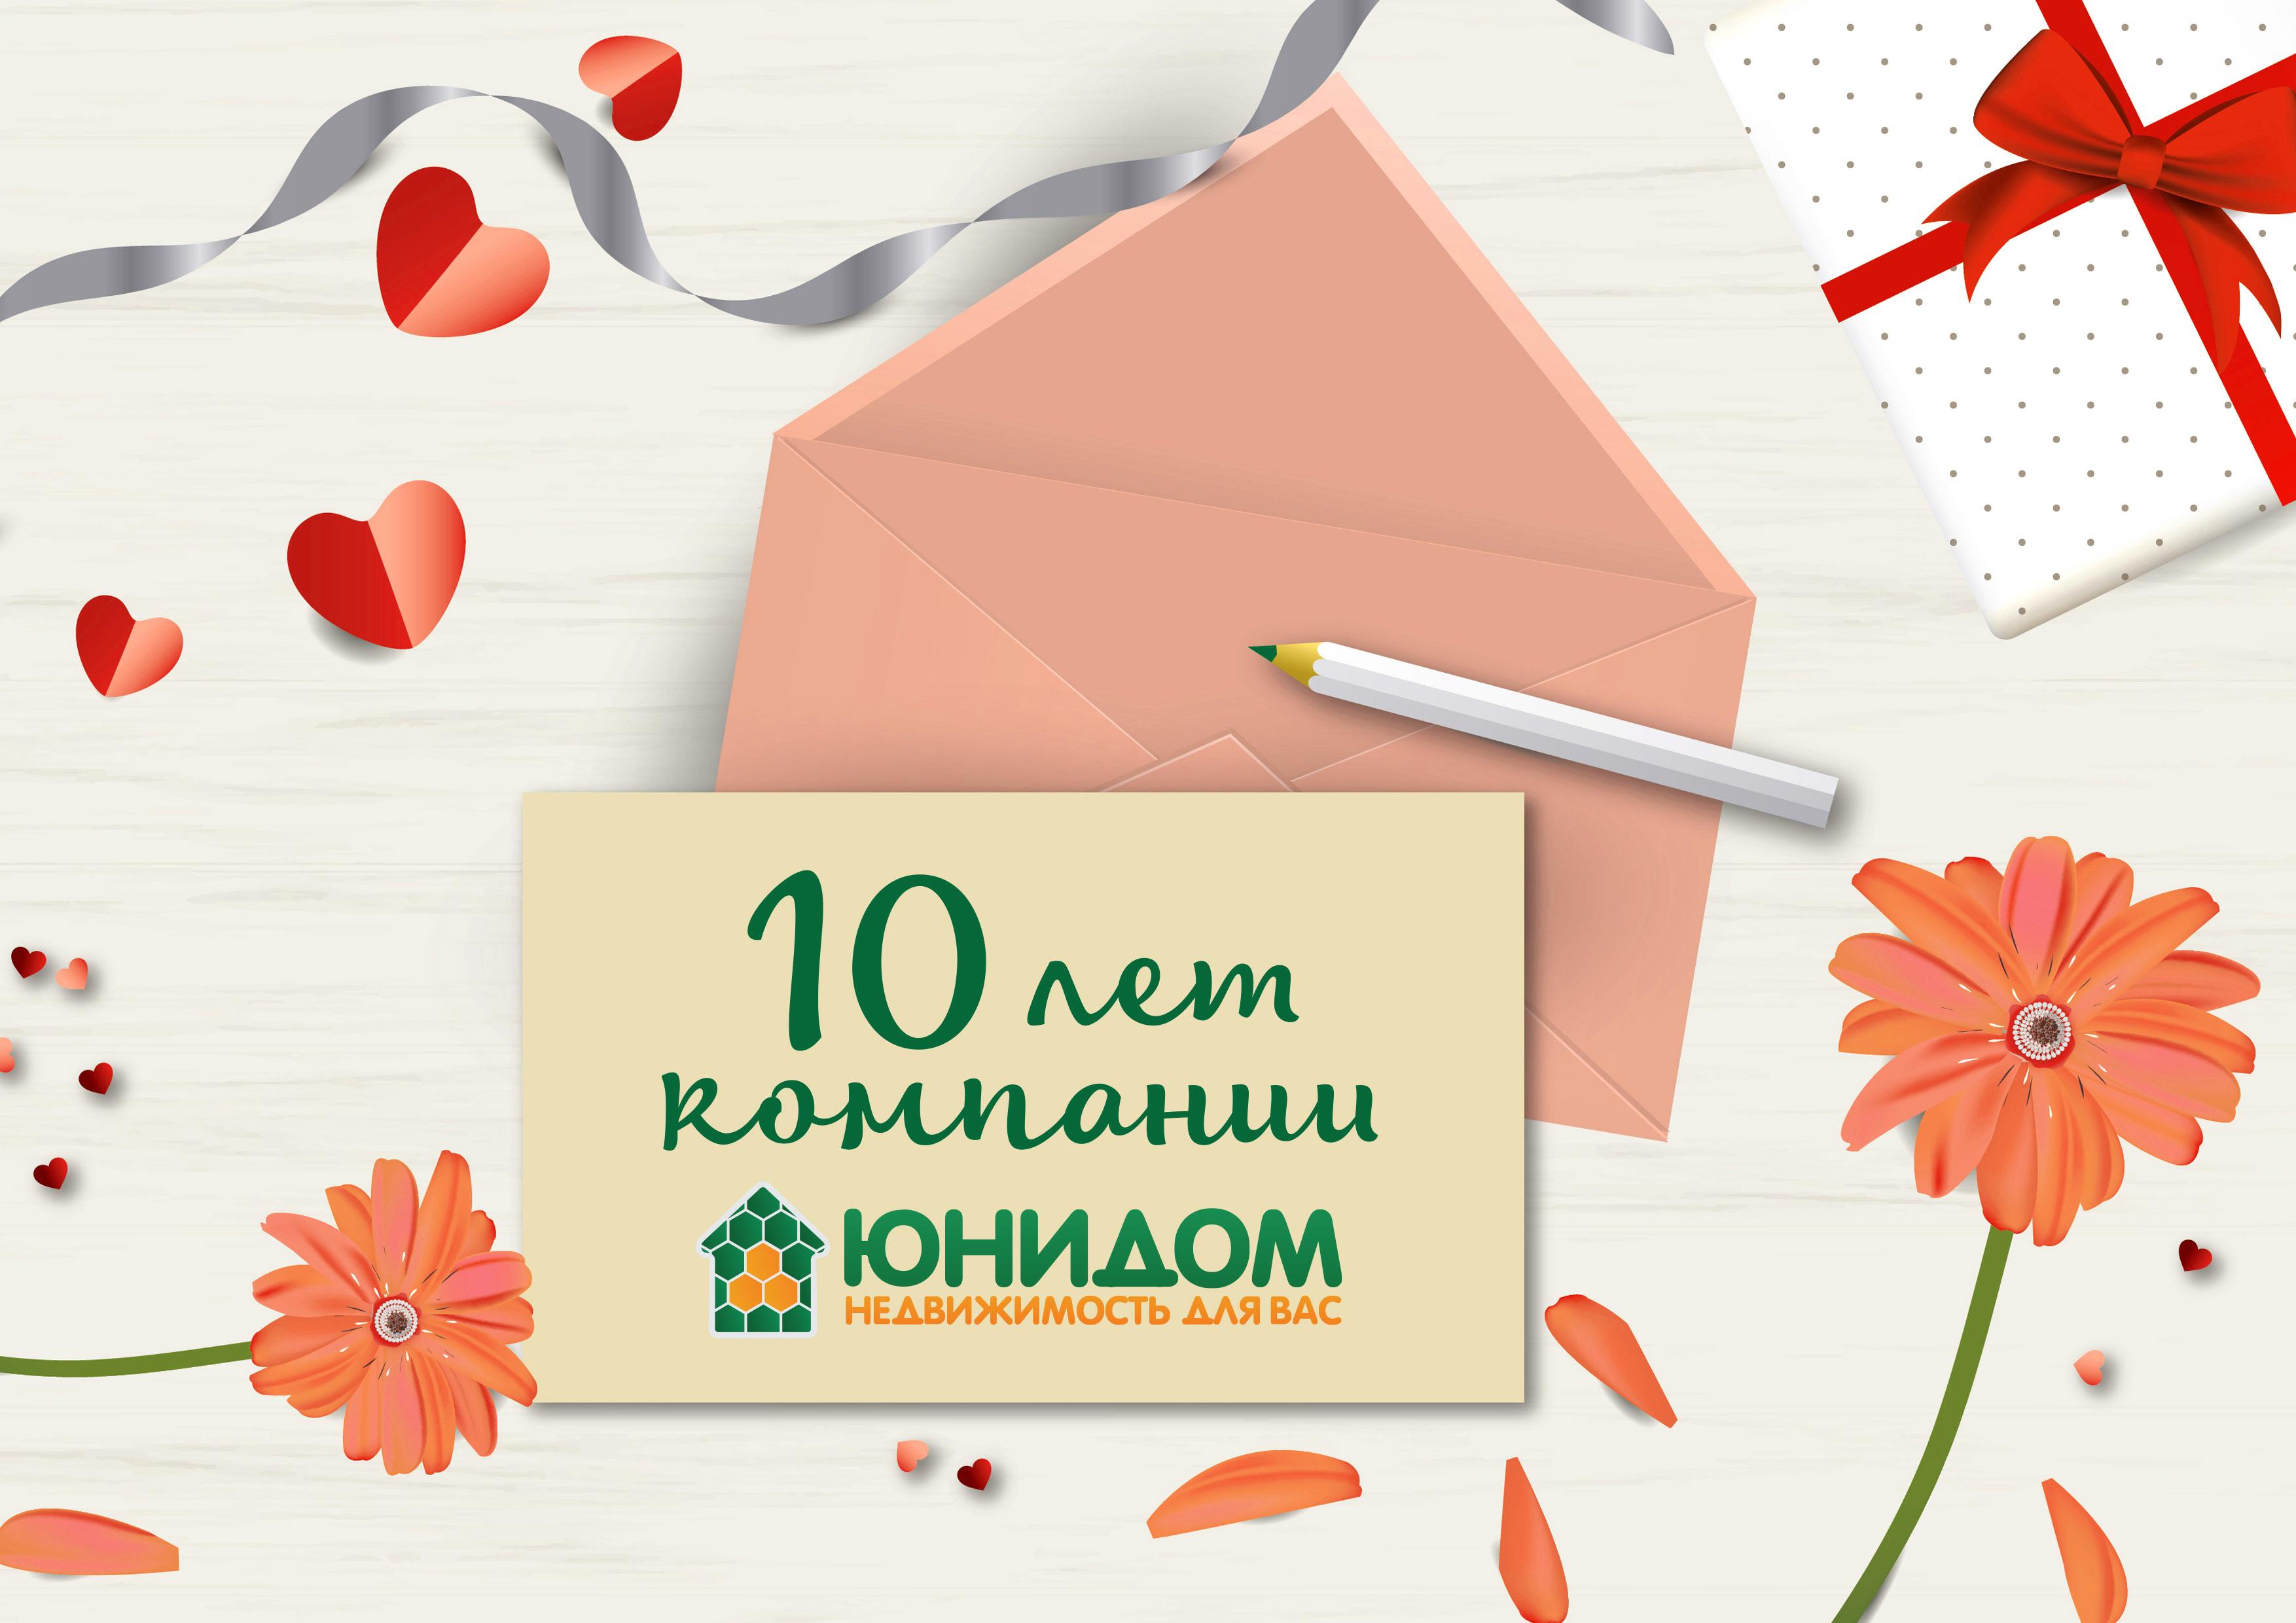 Компании «ЮНИДОМ» 10 лет!